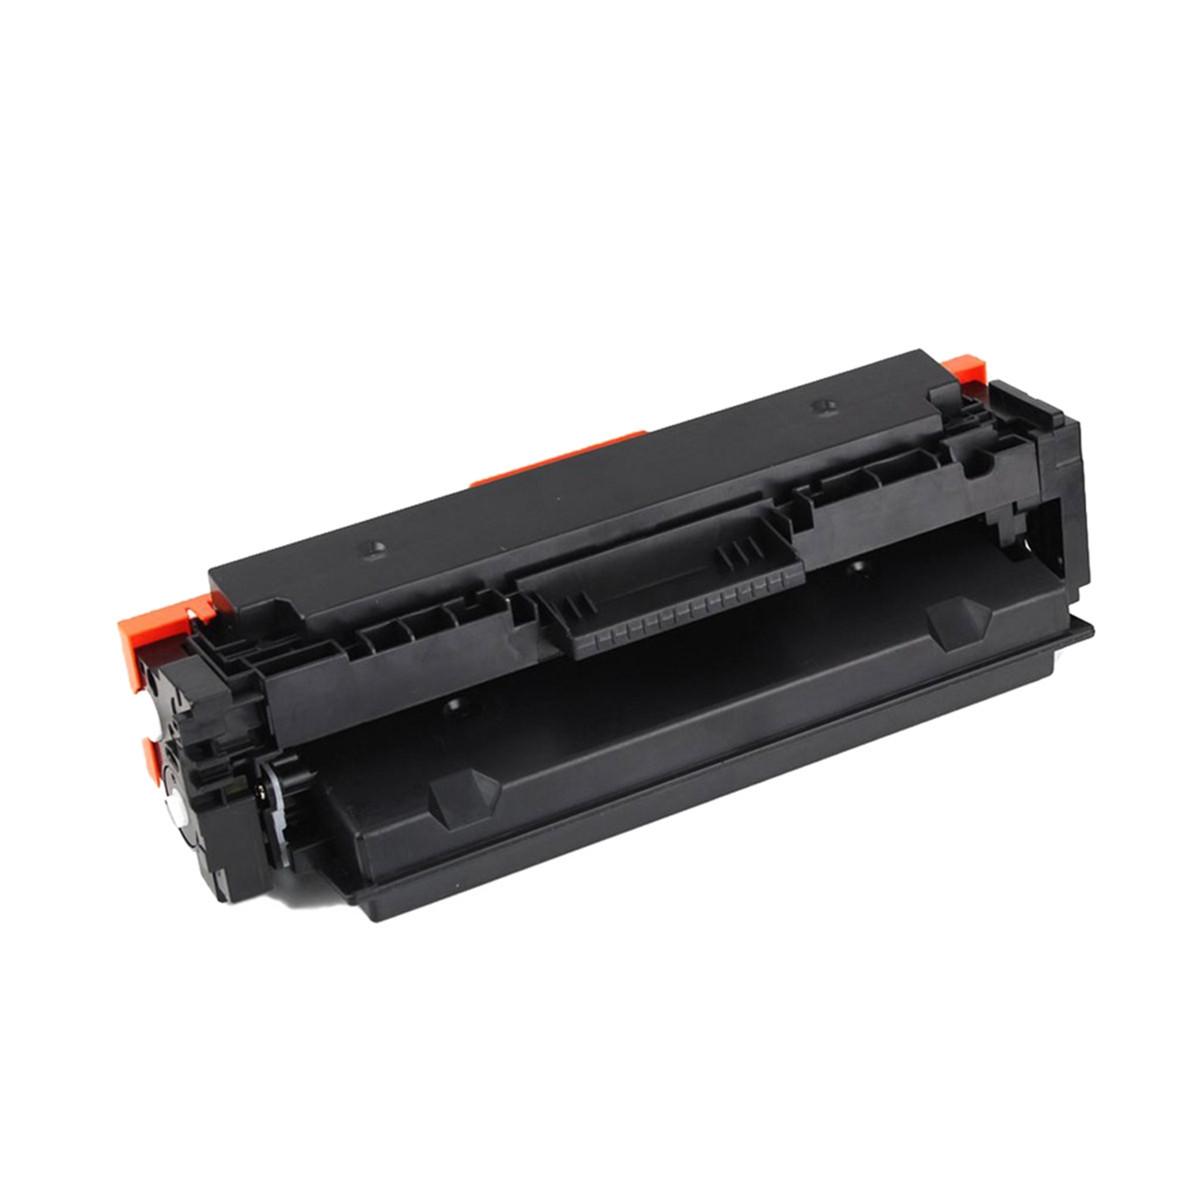 Toner Compatível com HP CF410X 410X Preto   M452DN M452DW M452NW M477FDN M477FDW   Evolut 6.5k